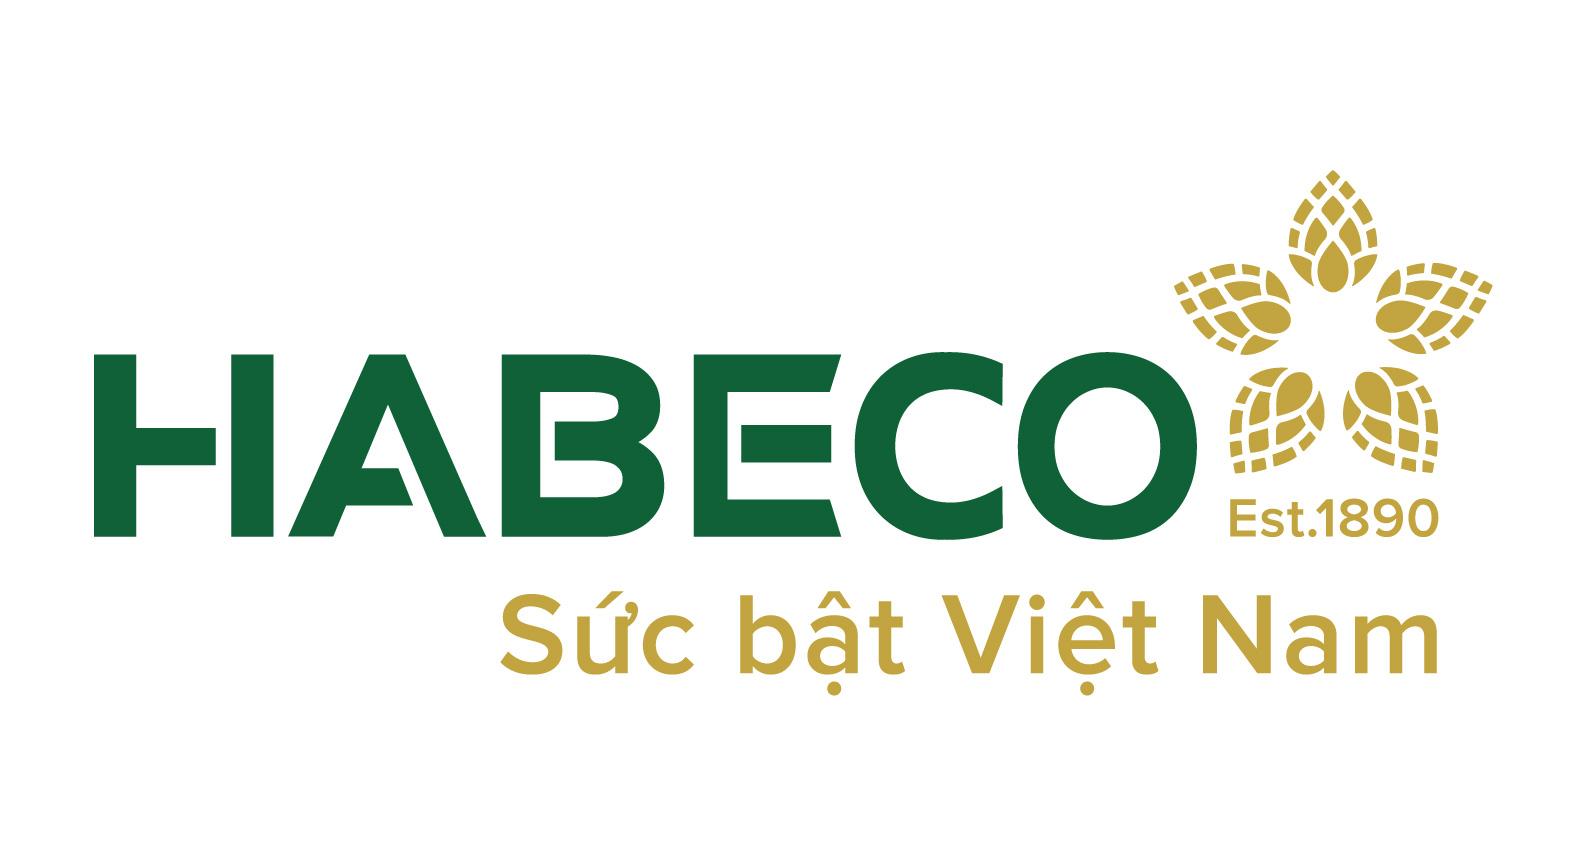 https://www.habeco.com.vn/data/b5a98360-a432-42e1-9453-7c5eca520b4e/userfiles/images/HABECO_Master%20logo-06.jpg